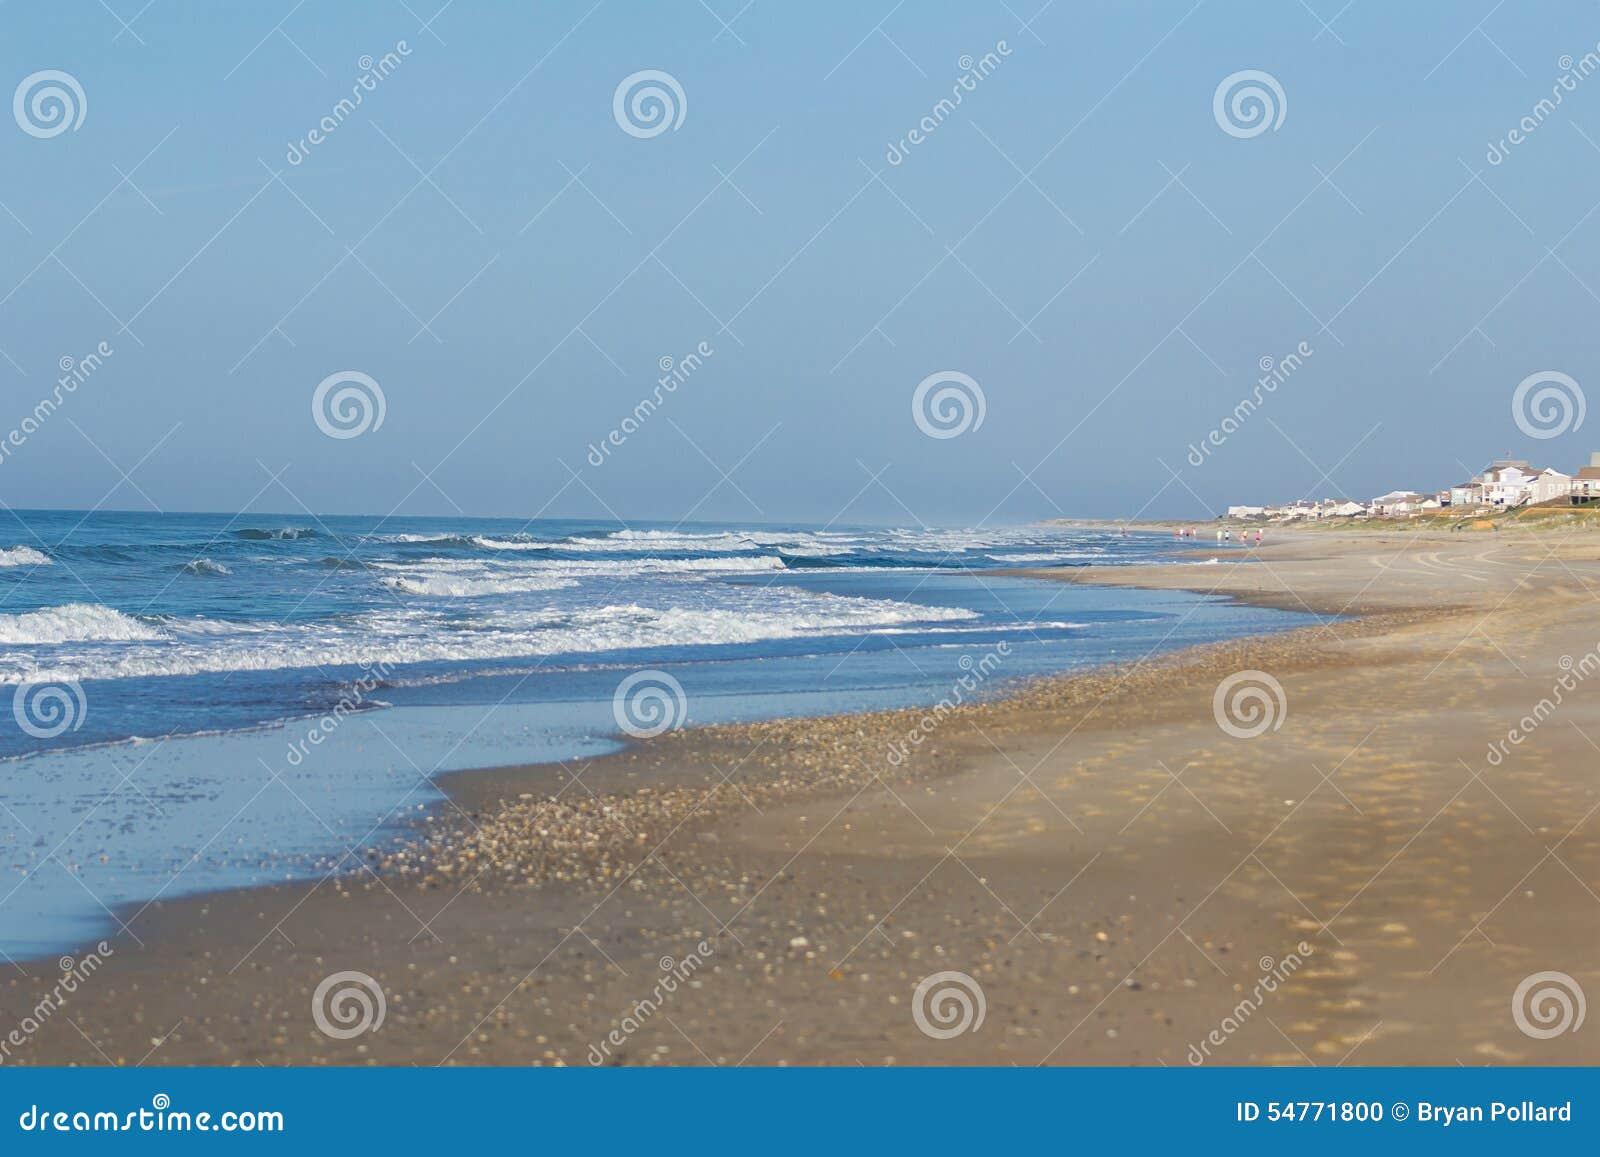 Παραλία στο σμαραγδένιο νησί